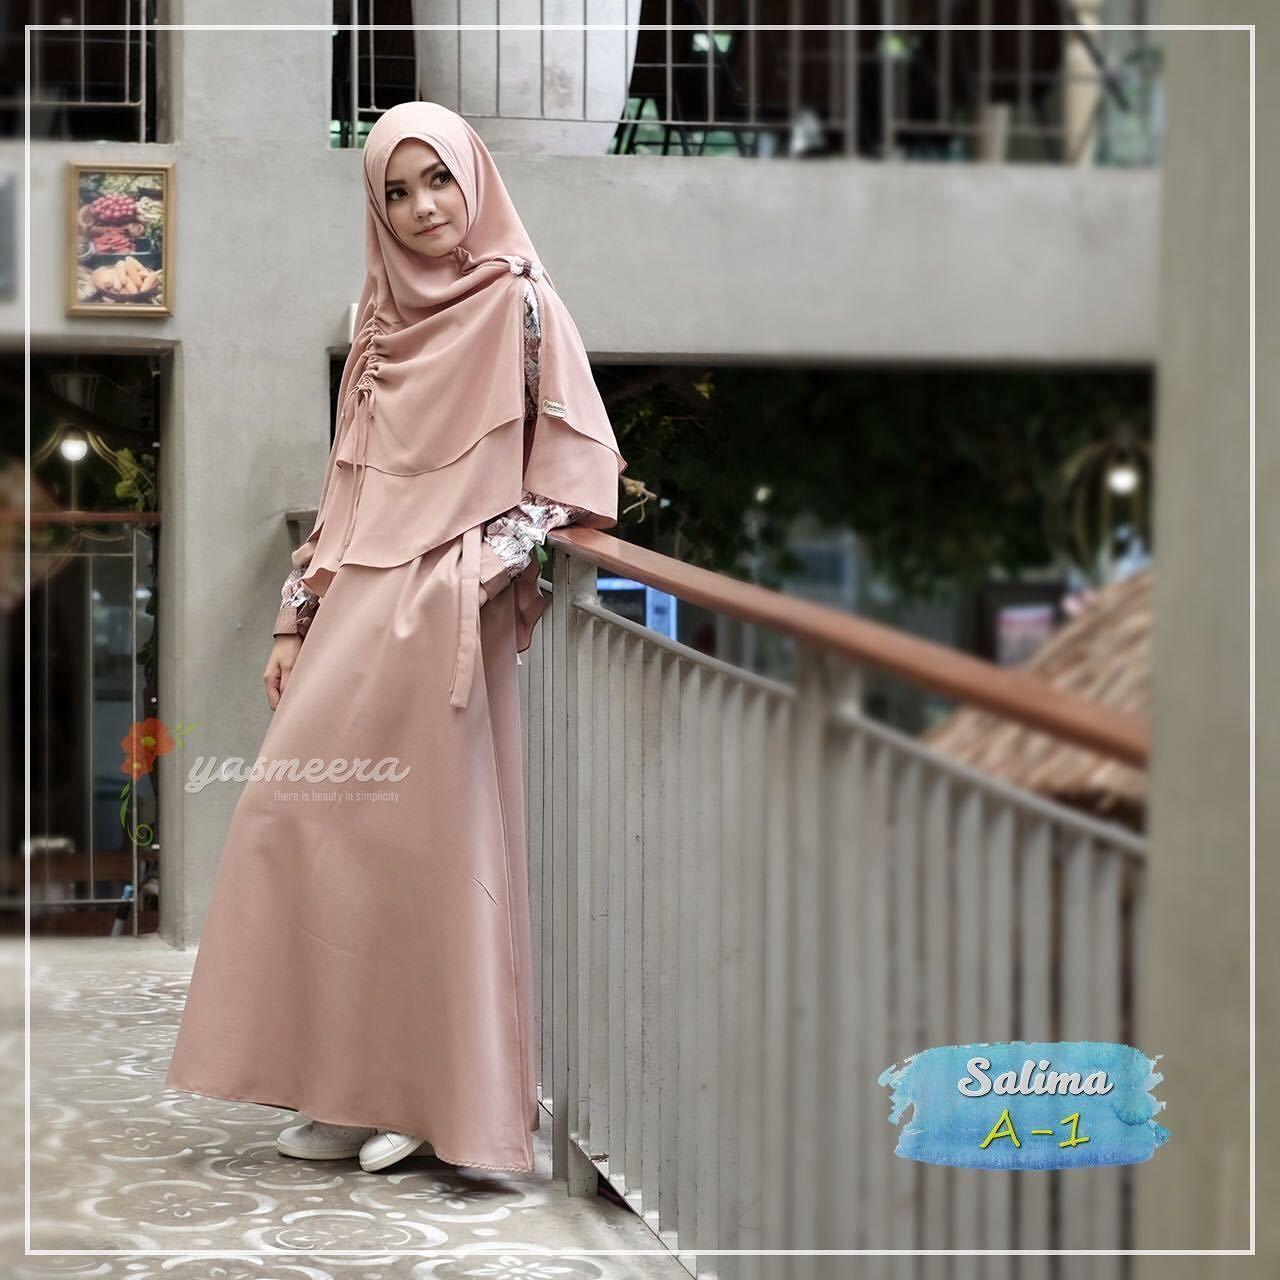 Gamis Yasmeera Salima Series A1 Baju Gamis Wanita Busana